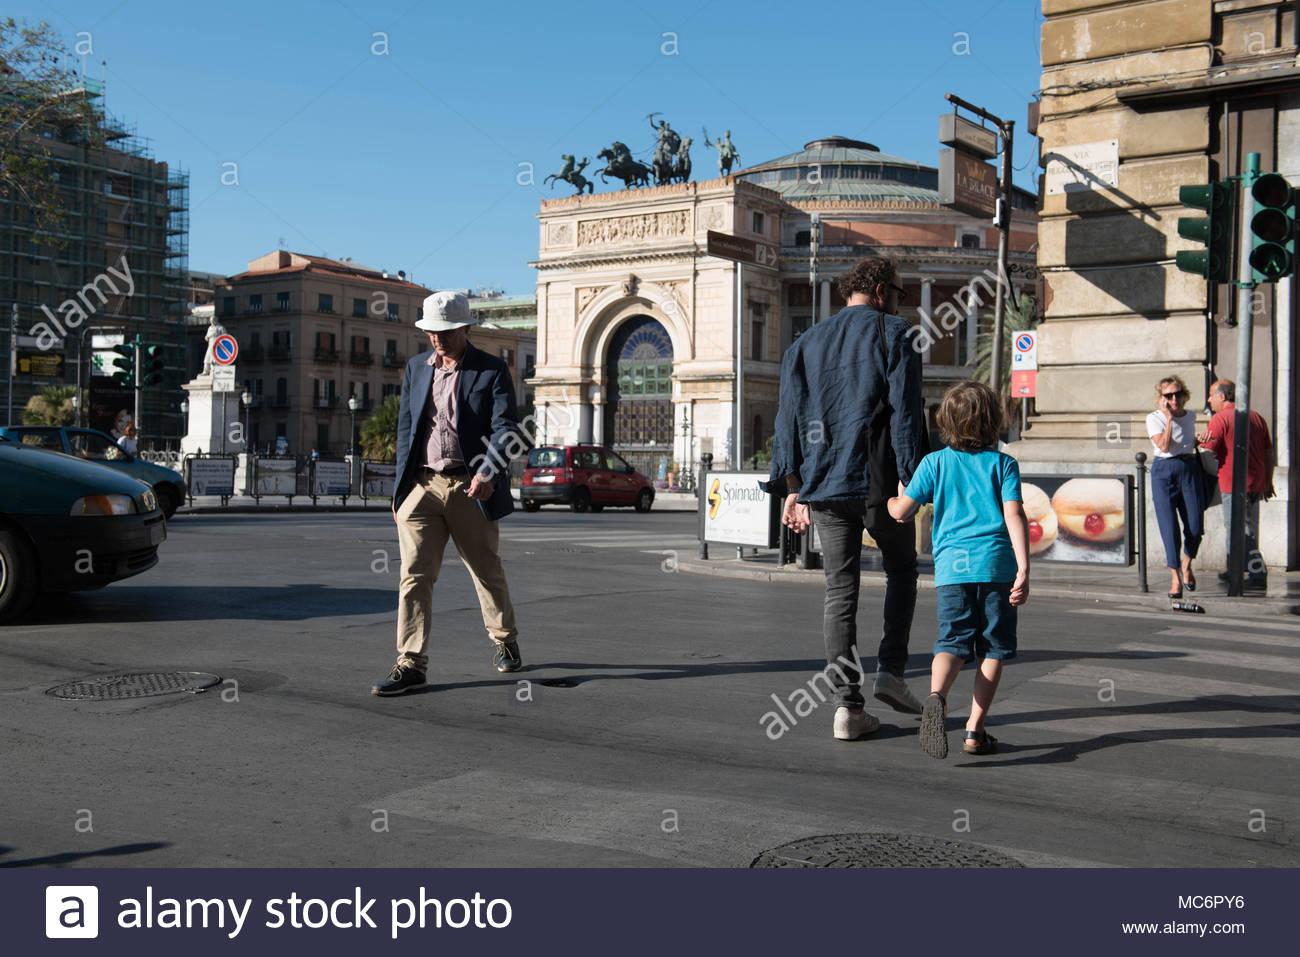 teatro politeama garibaldi, piazza ruggero settimo, palermo Stock Photo